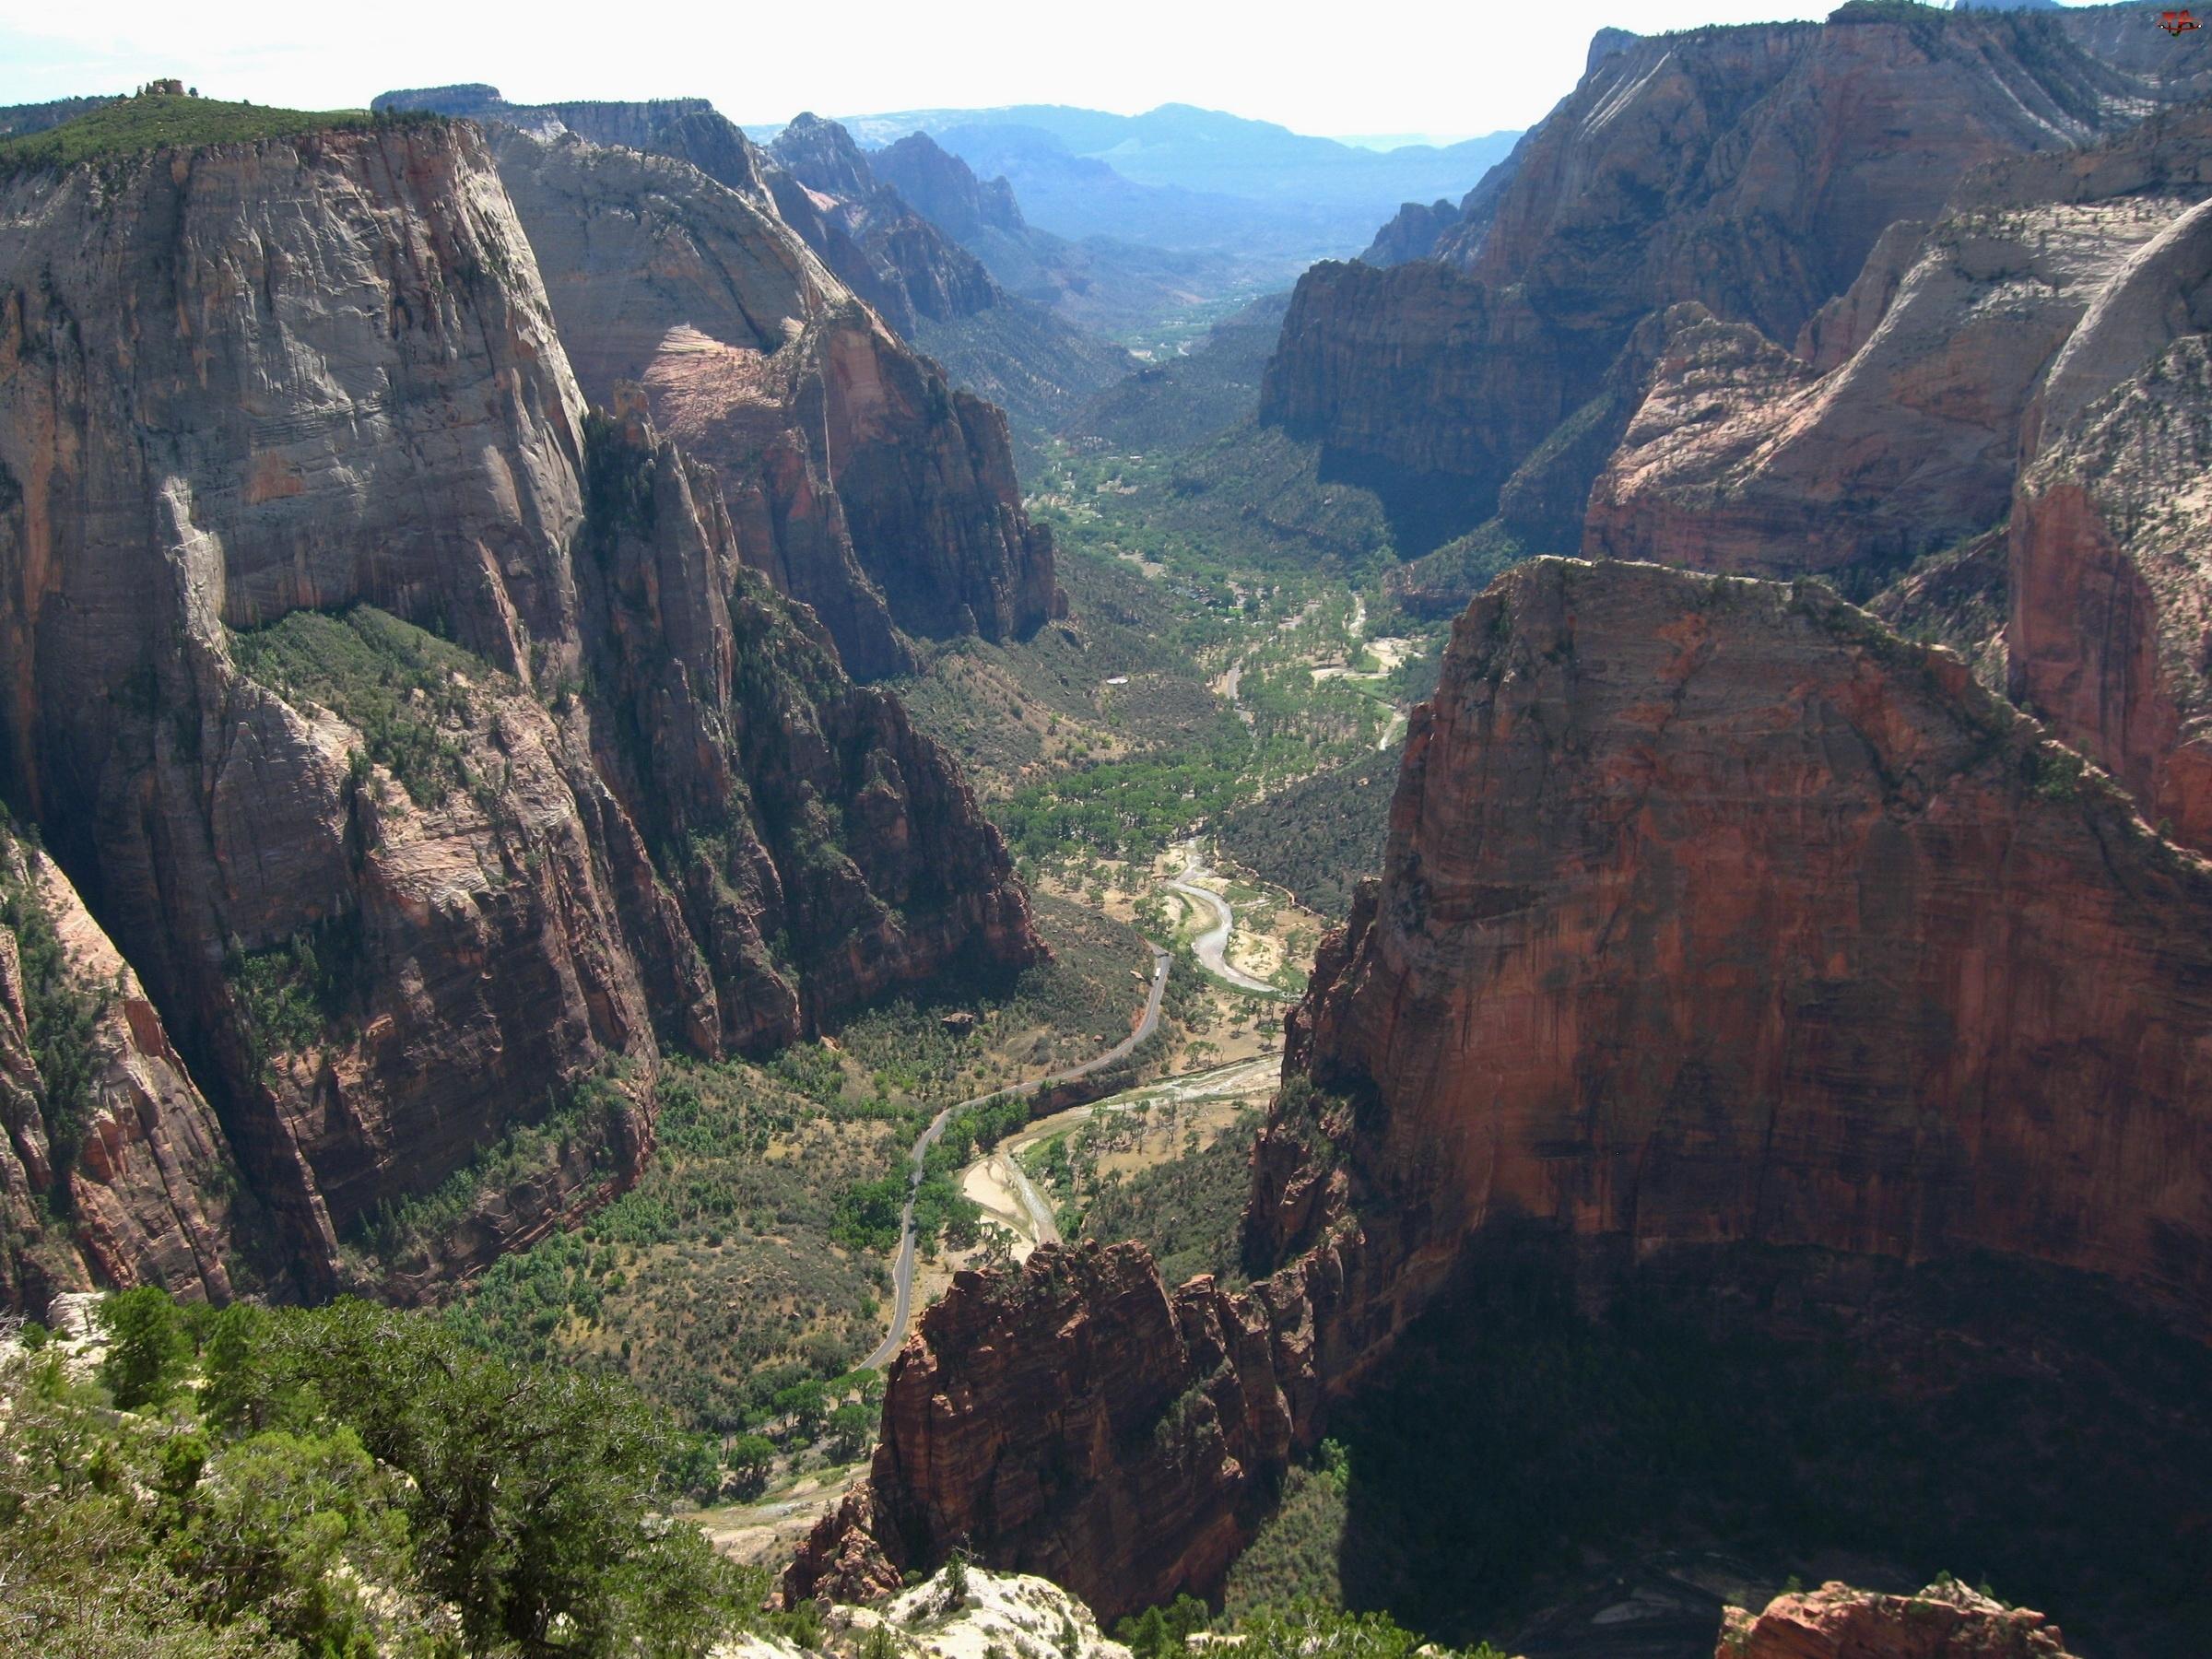 Drzewa, Kanion, Góry, Skaliste, Drogi